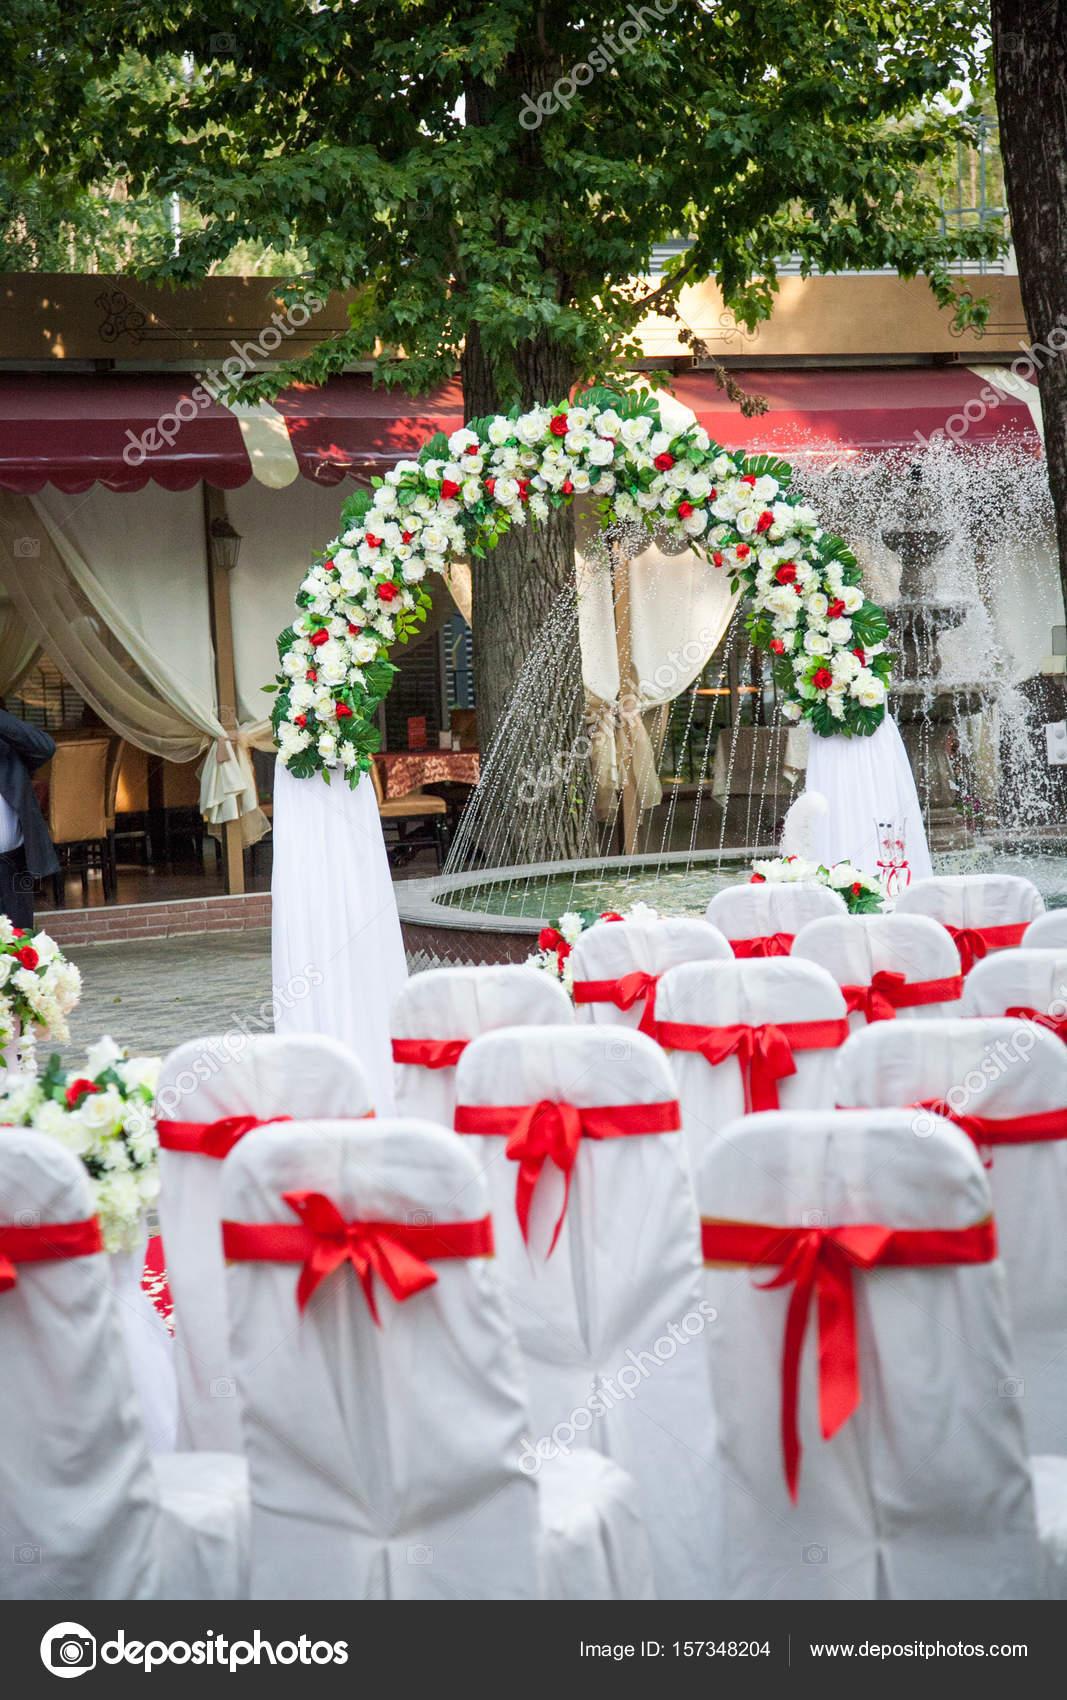 Matrimonio In Bianco E Rosso : Matrimonio bellissimo arredamento in colori rosso e bianco